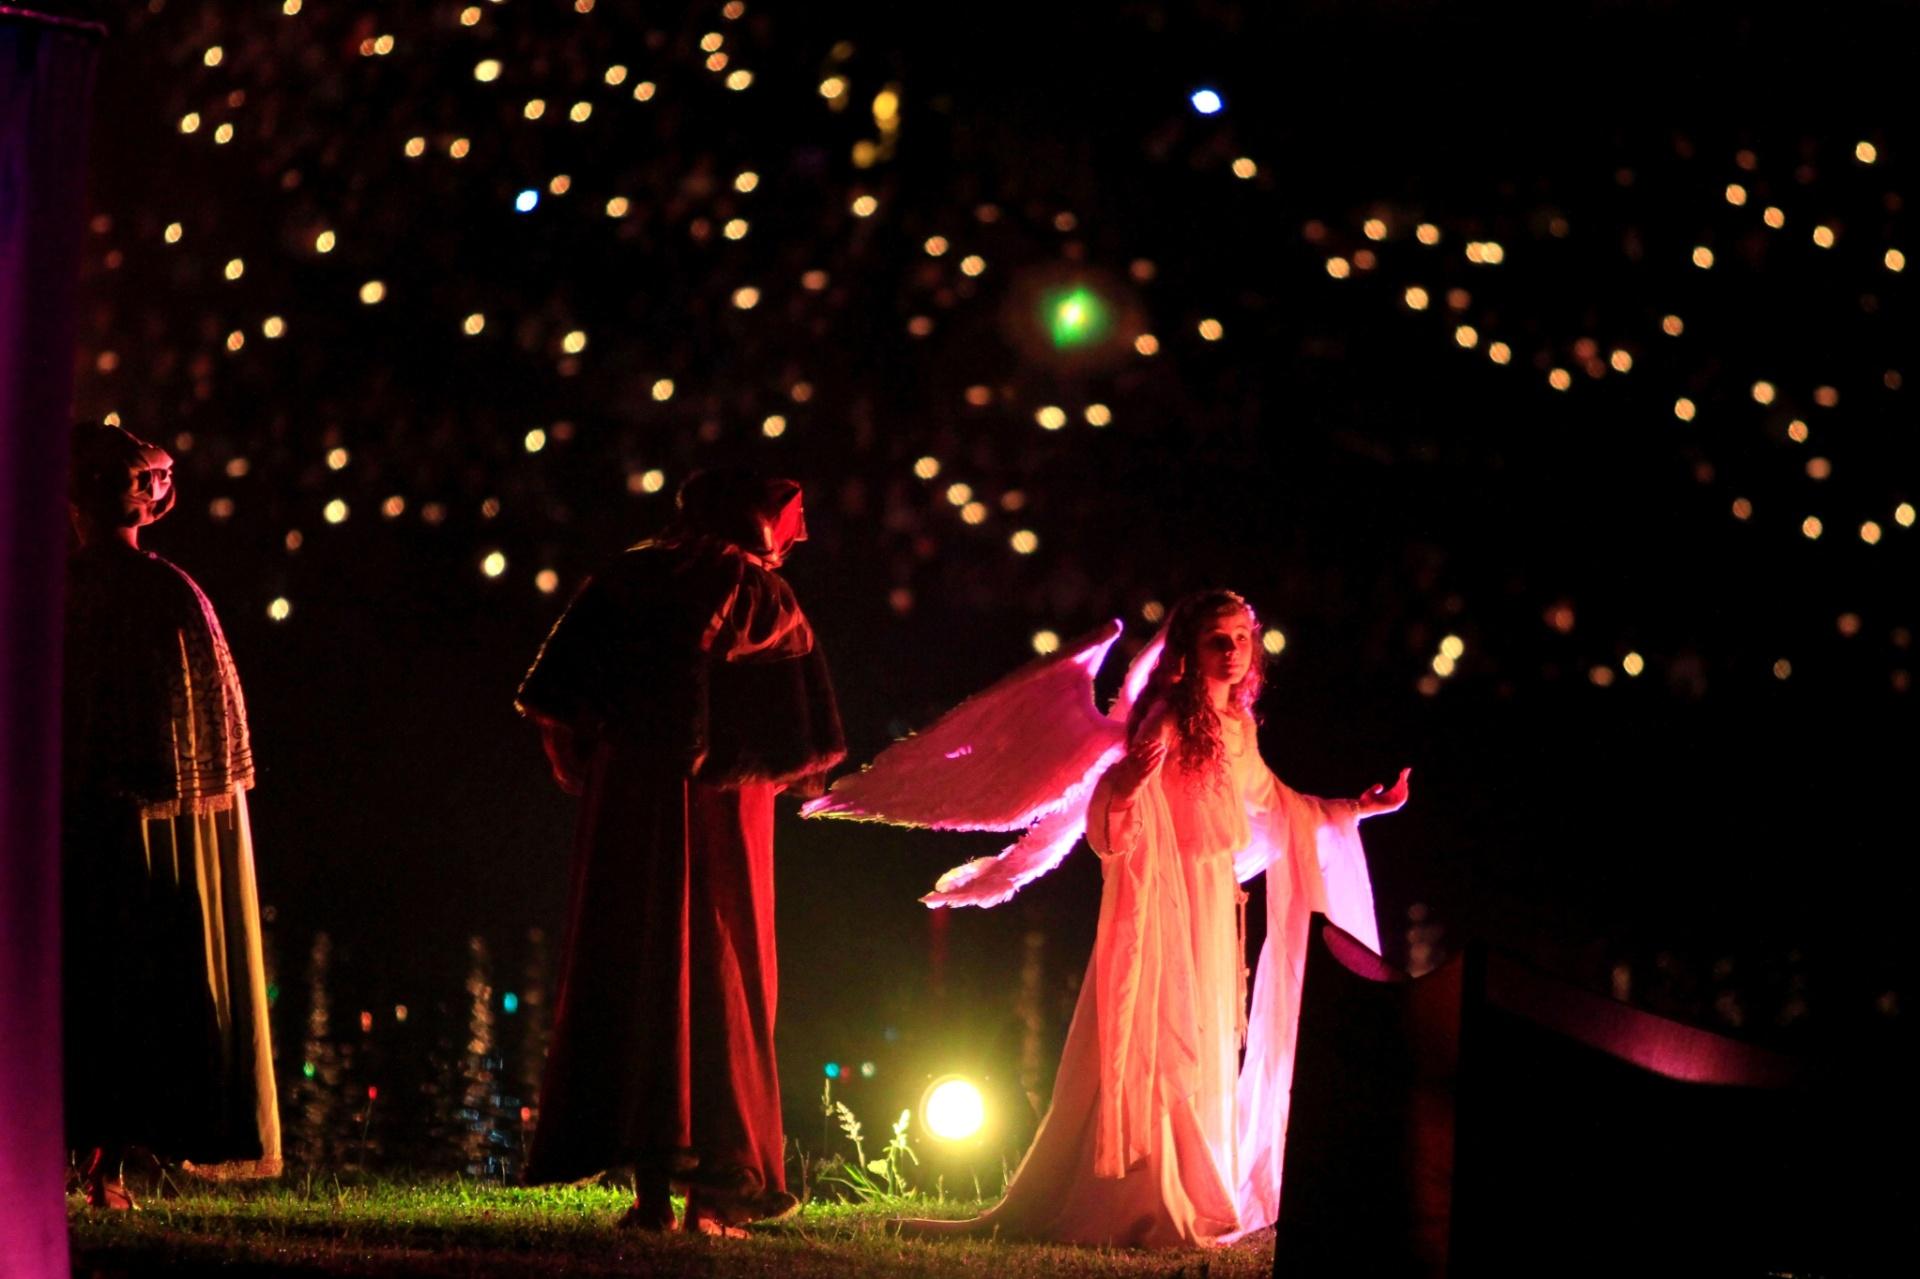 10.dez.2014 - Atores participam de encenação sobre nascimento de Jesus Cristo durante o Nativitatem, um dos espetáculos mais tradicionais do Natal Luz de Gramado, na Serra Gaúcha. A ópera, que acontece às margens do Lago Joaquina Rita Bier, tem 50 minutos de duração